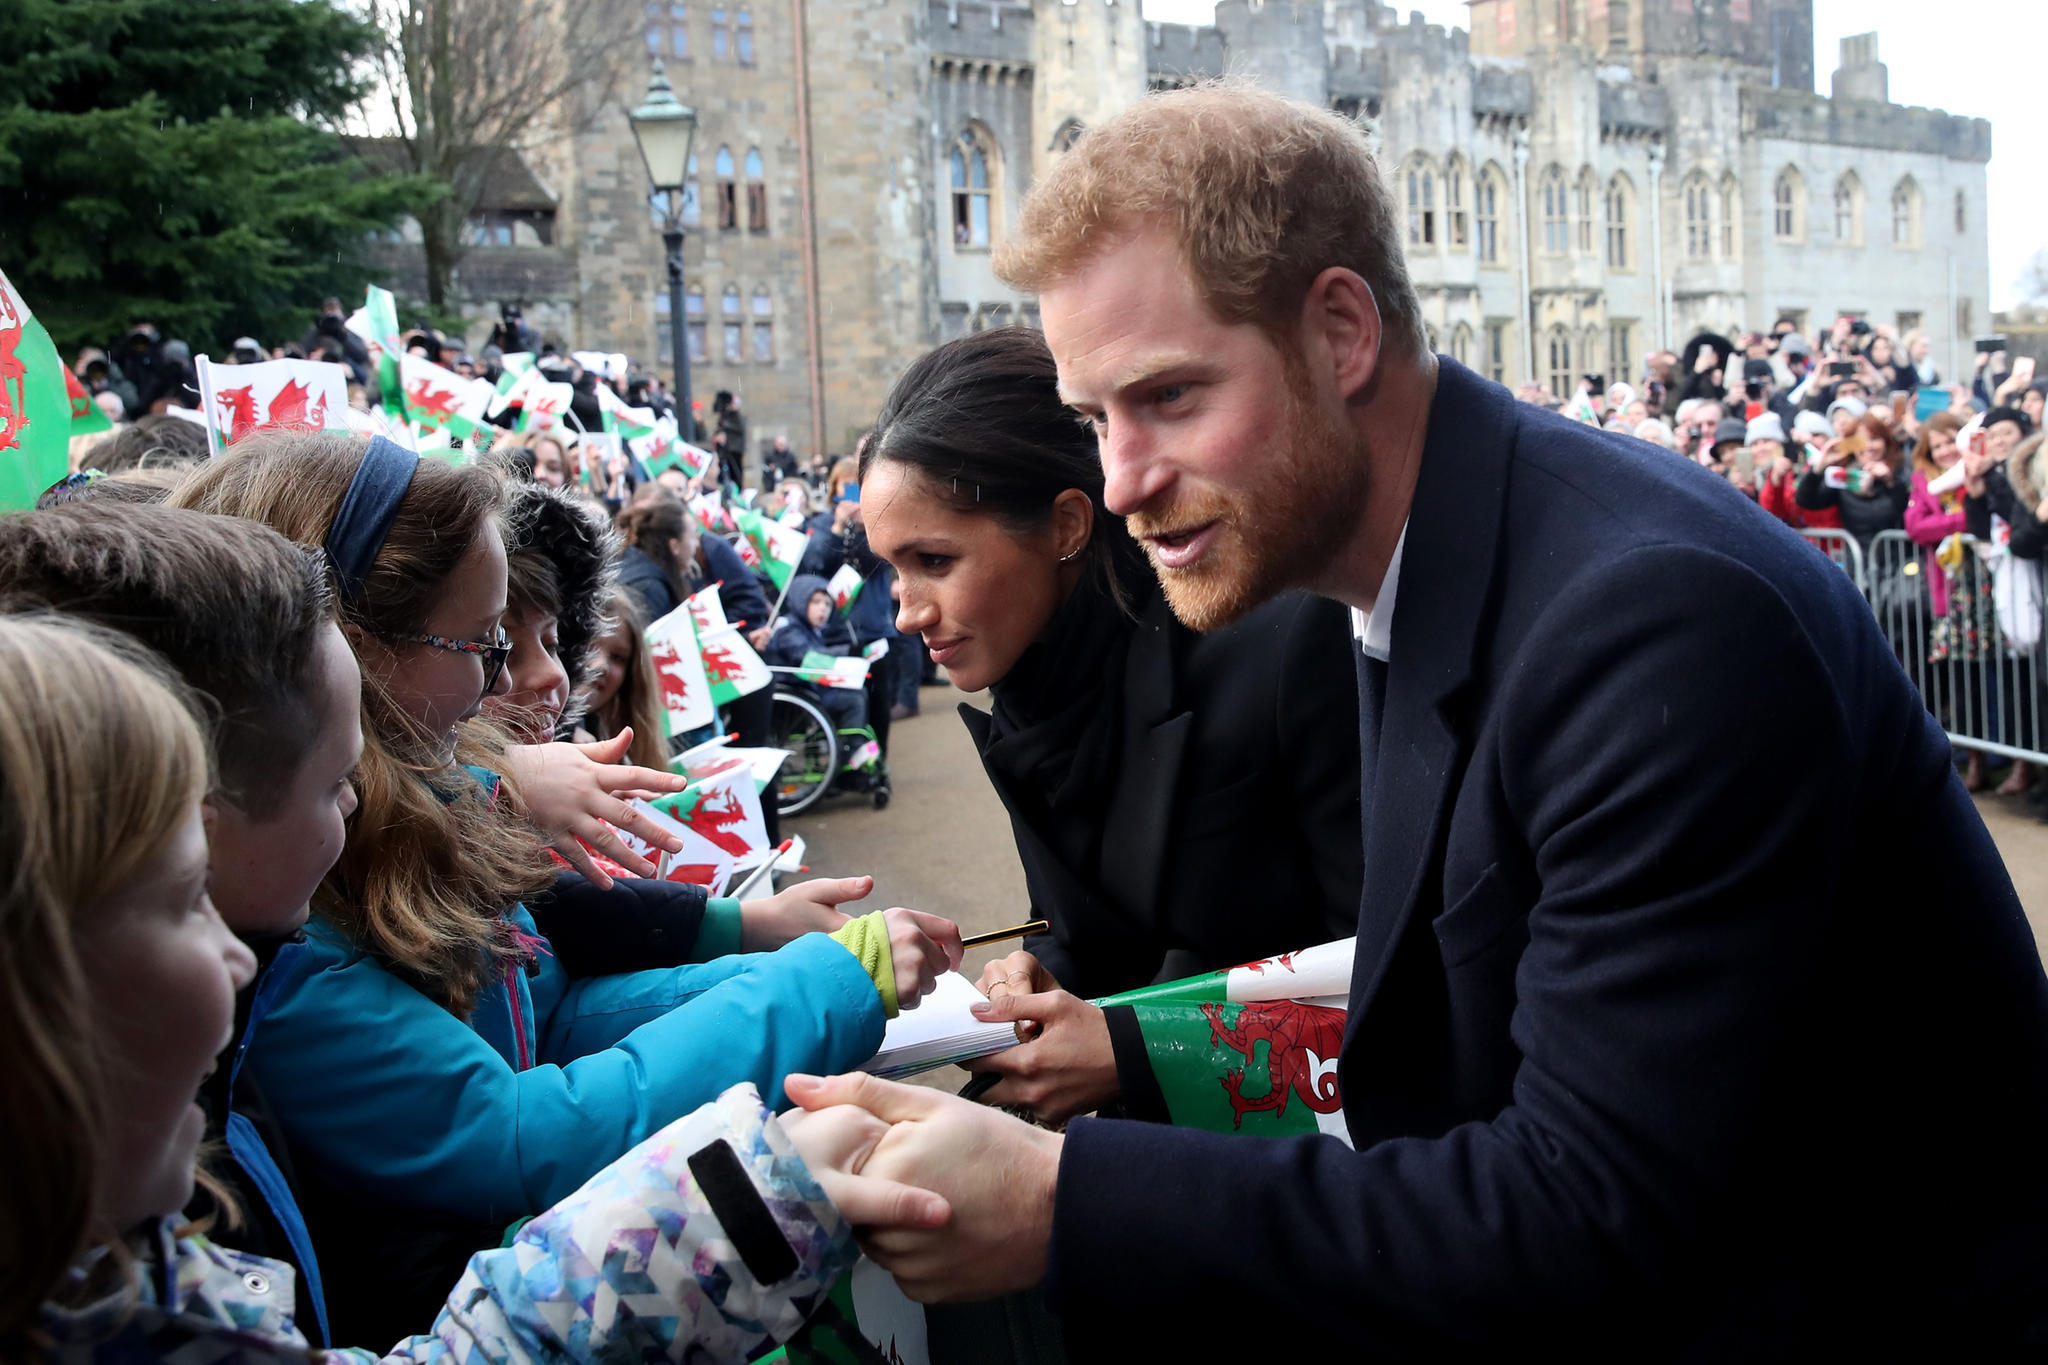 Ein Autogramm von Meghan Markle? Am 18. Januar 2018 gelingt das einen kleinen Royal-Fan bei dem Besuch von Meghan und Harry in Wales